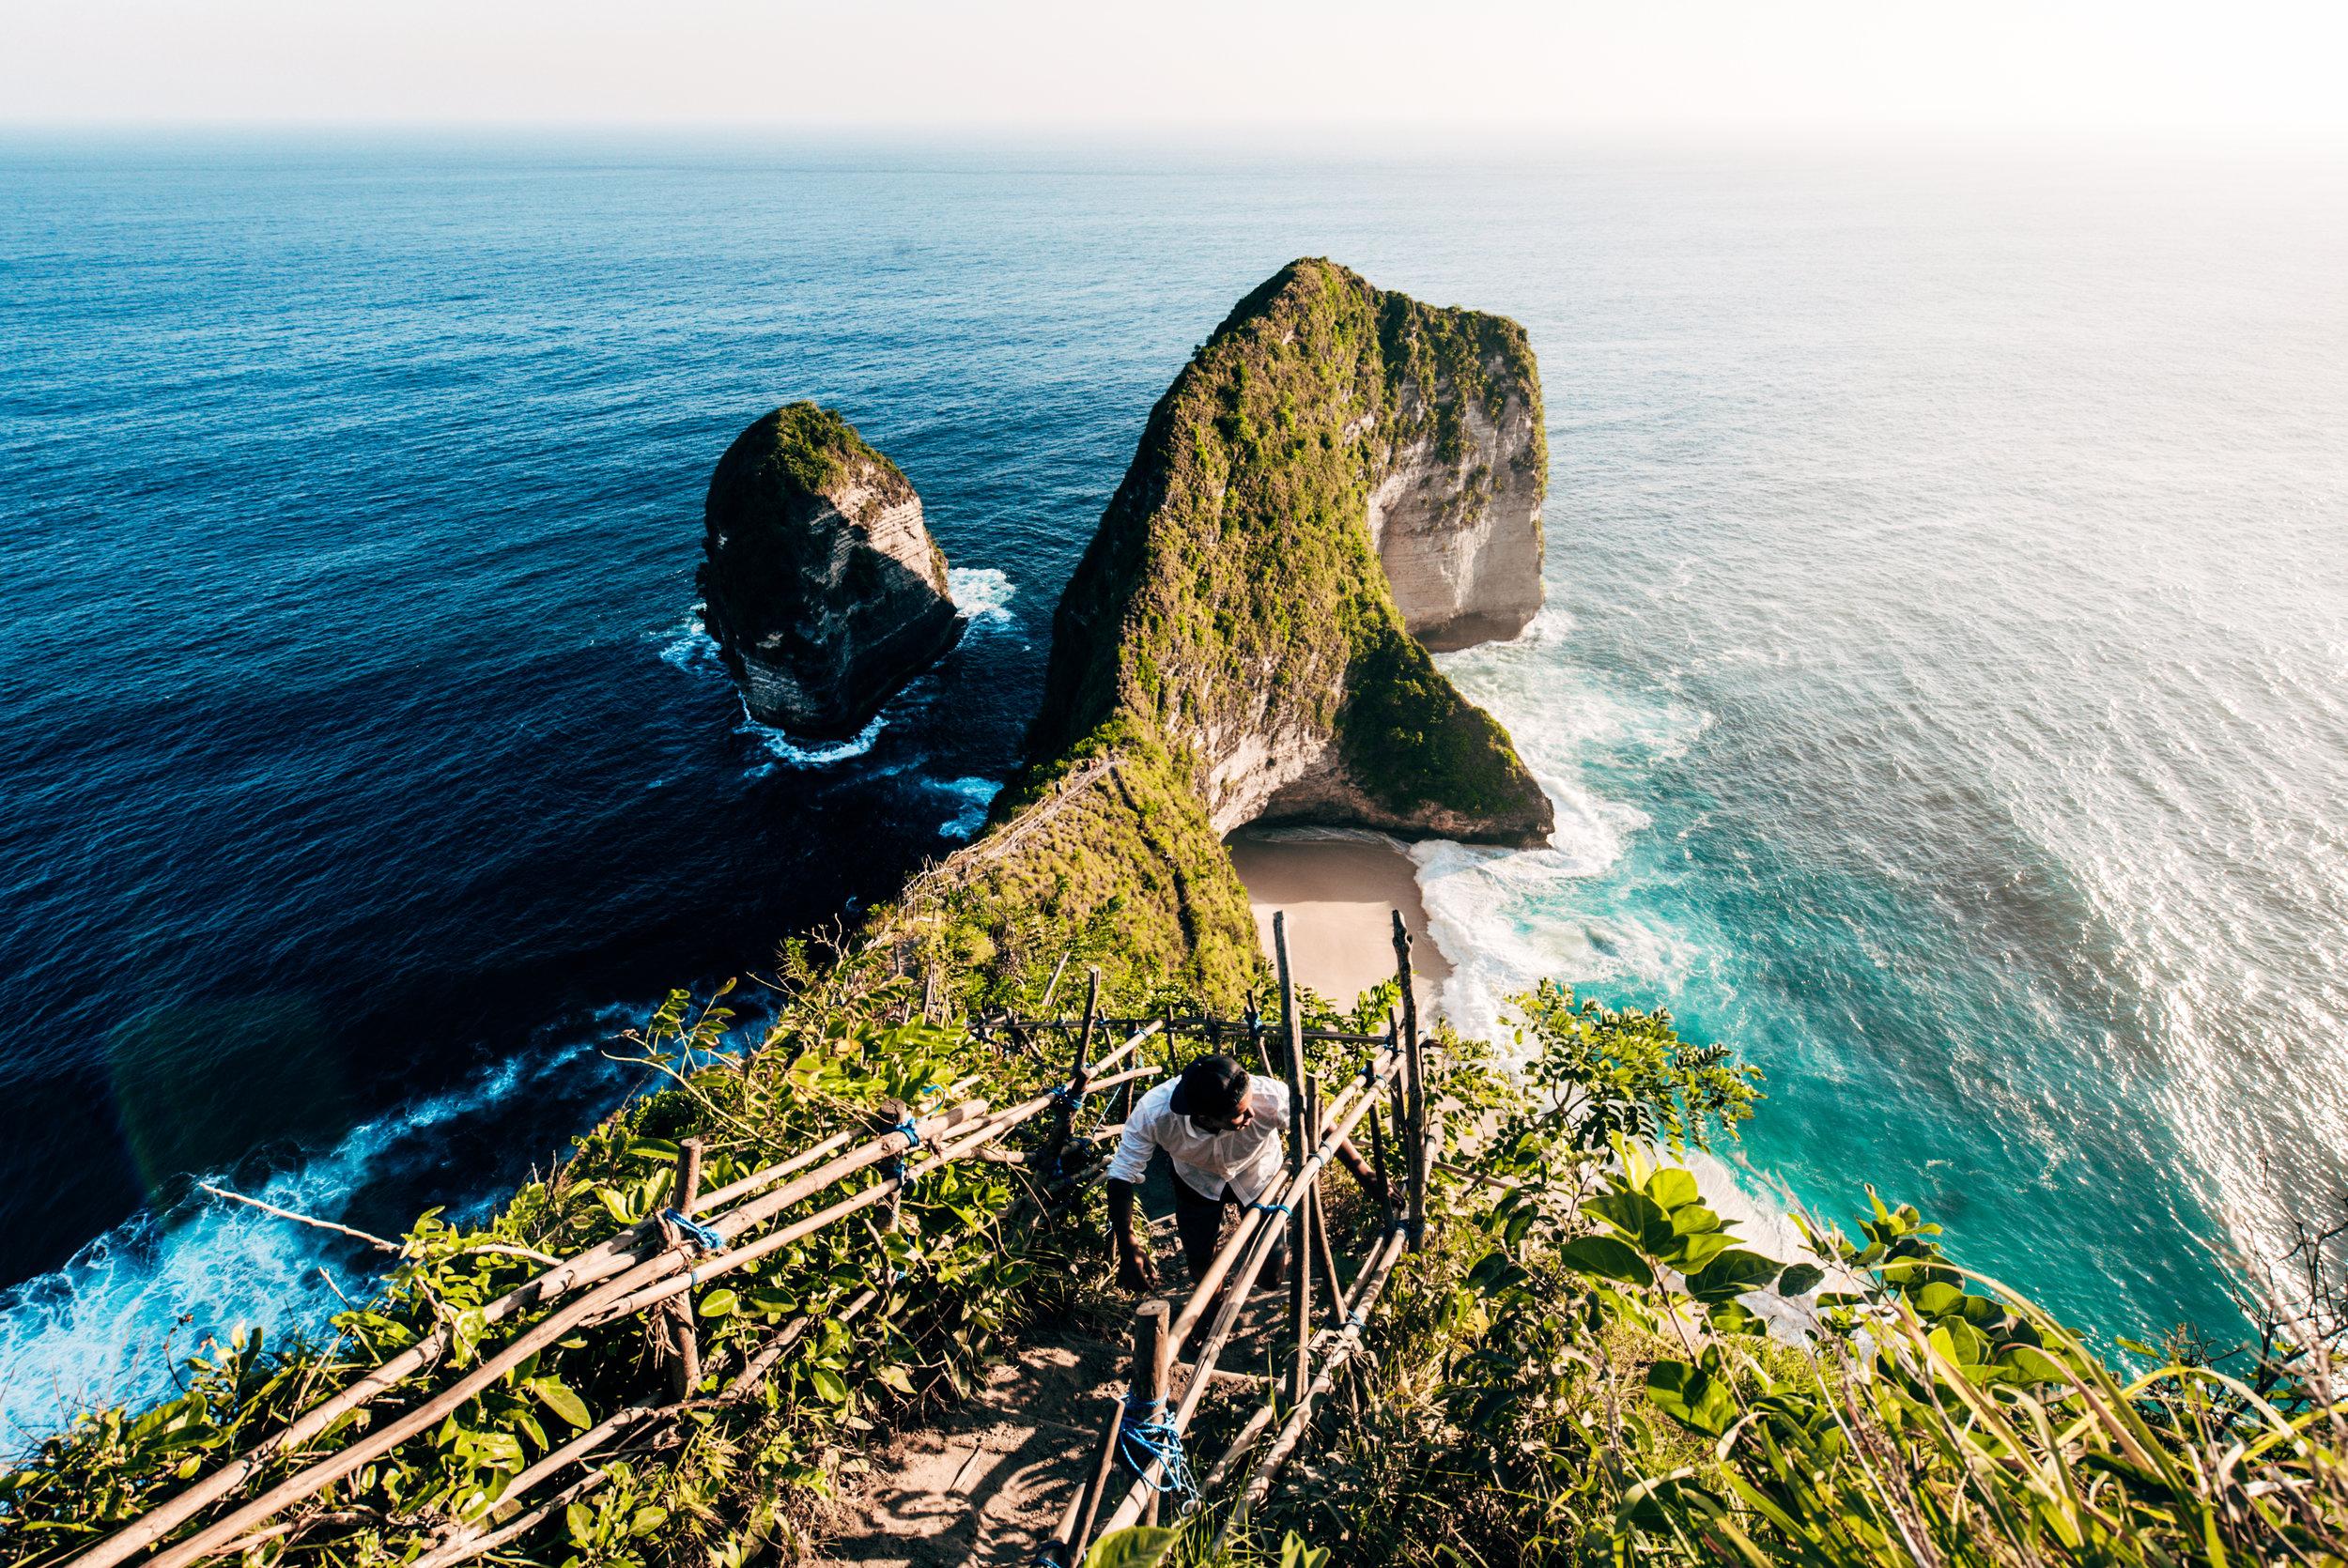 Indonesia edited-04385.jpg